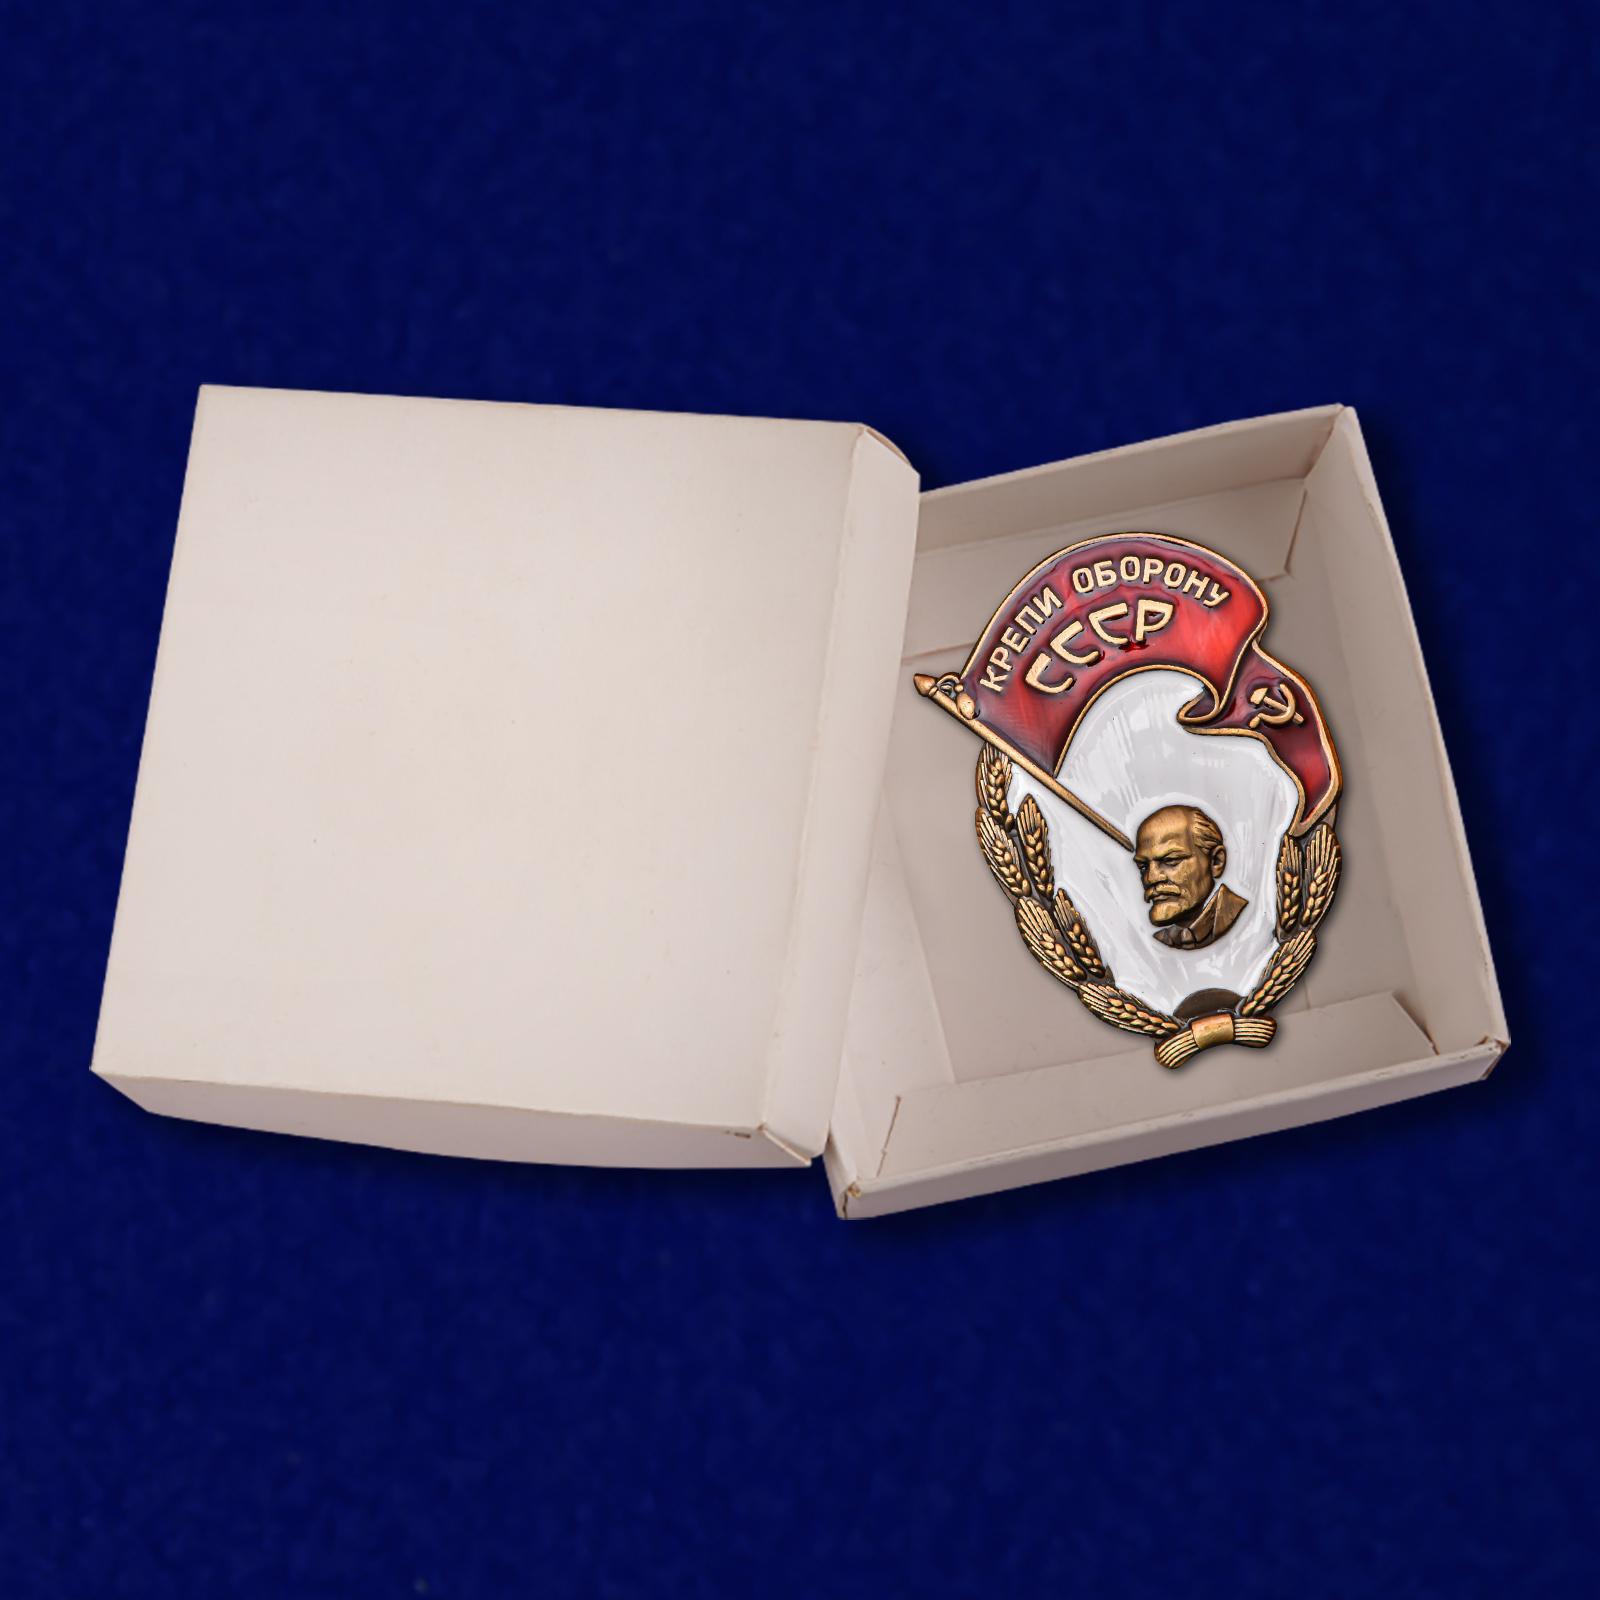 Знак Крепи оборону СССР - в коробке